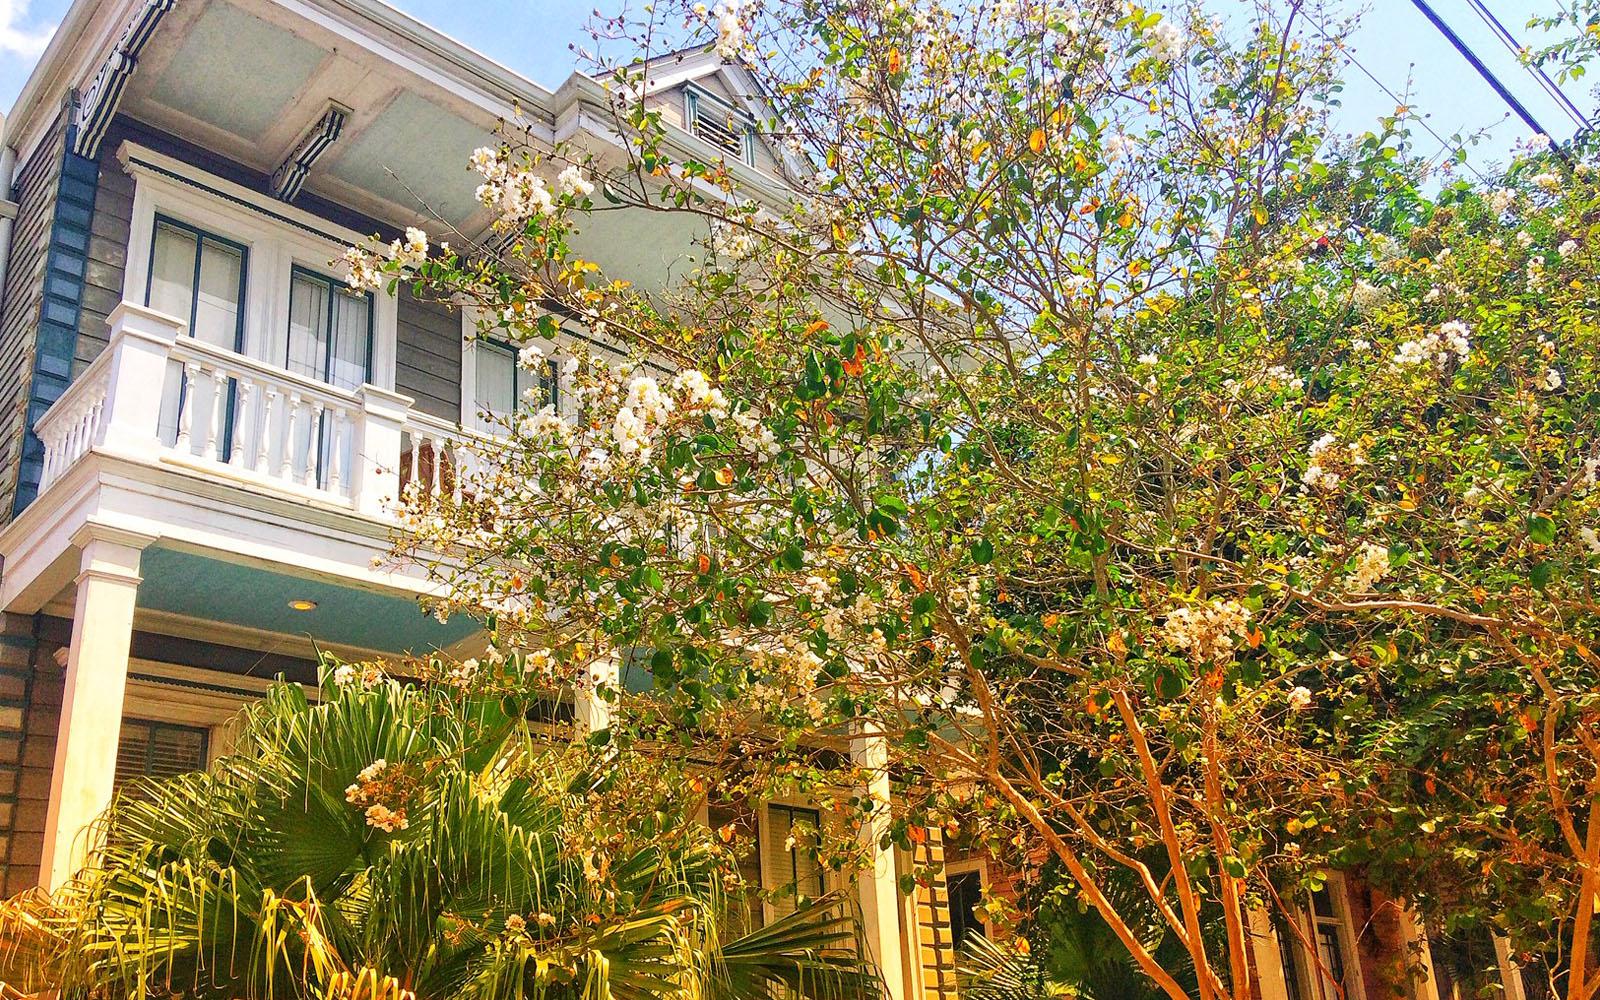 Una delle eleganti case che caratterizzano il verdeggiante Garden District.